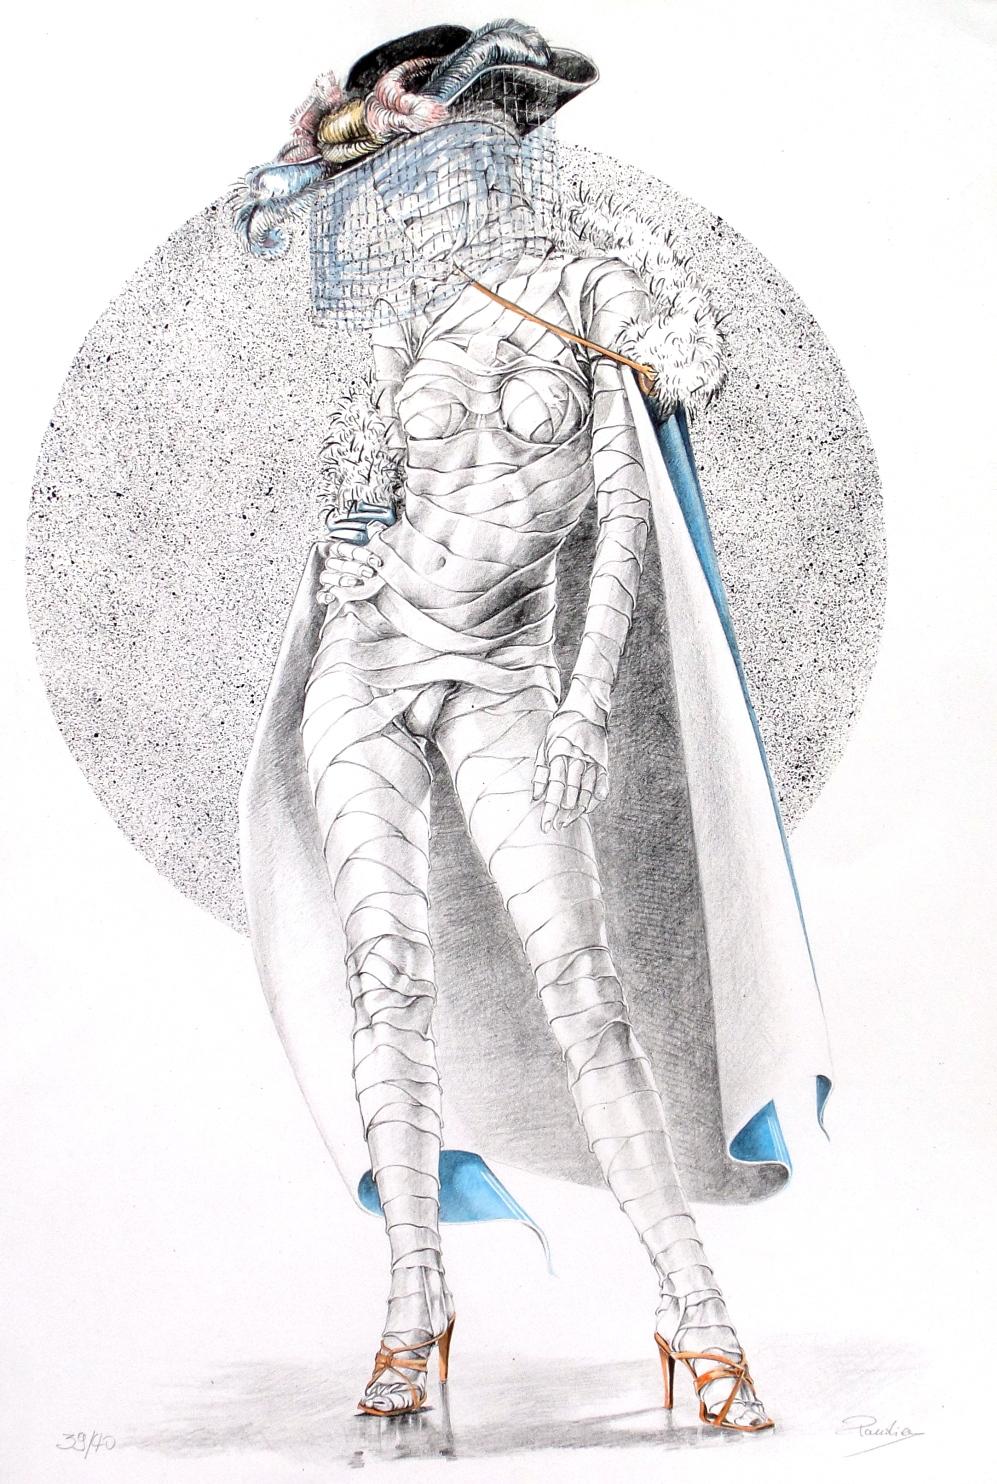 Vincenzo Paudice - Signora con tacchi a spillo ad una festa di beneficenza